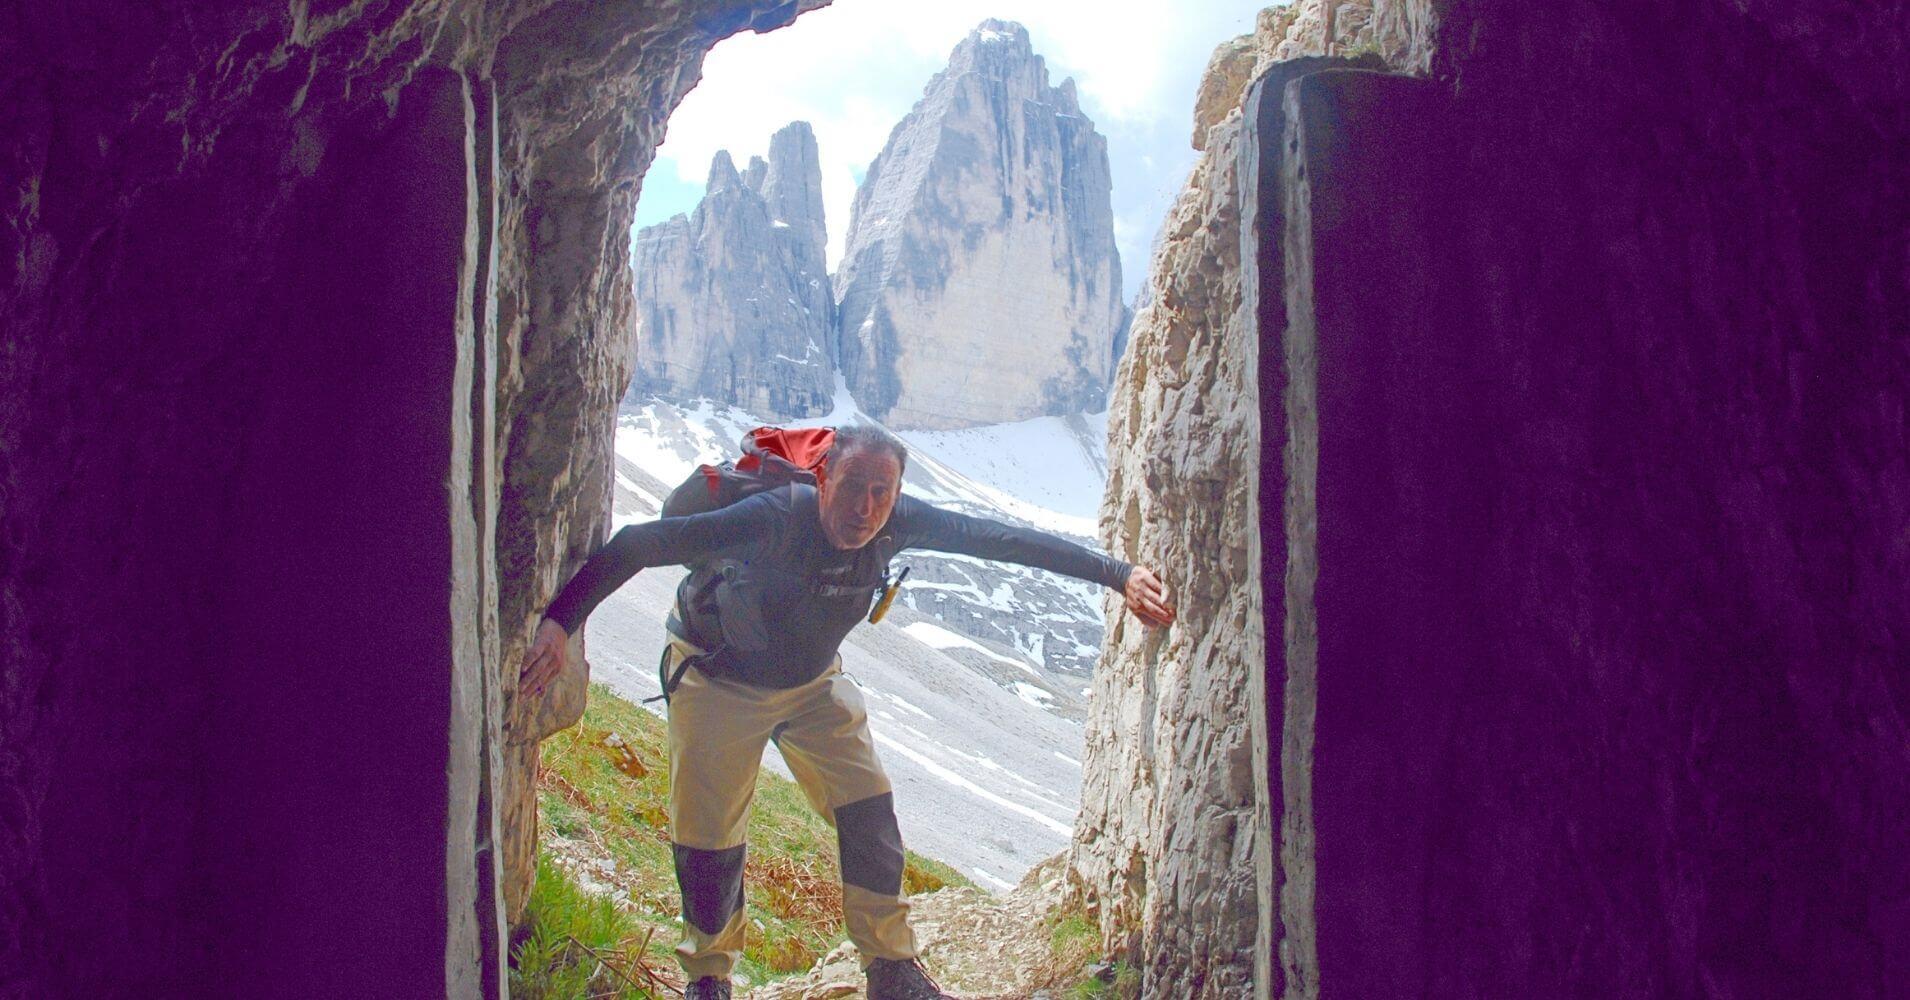 Galería del Monte Paterno. Tres Cimas de Lavaredo. Alpes Dolomitas. Belluno, Véneto. Italia.